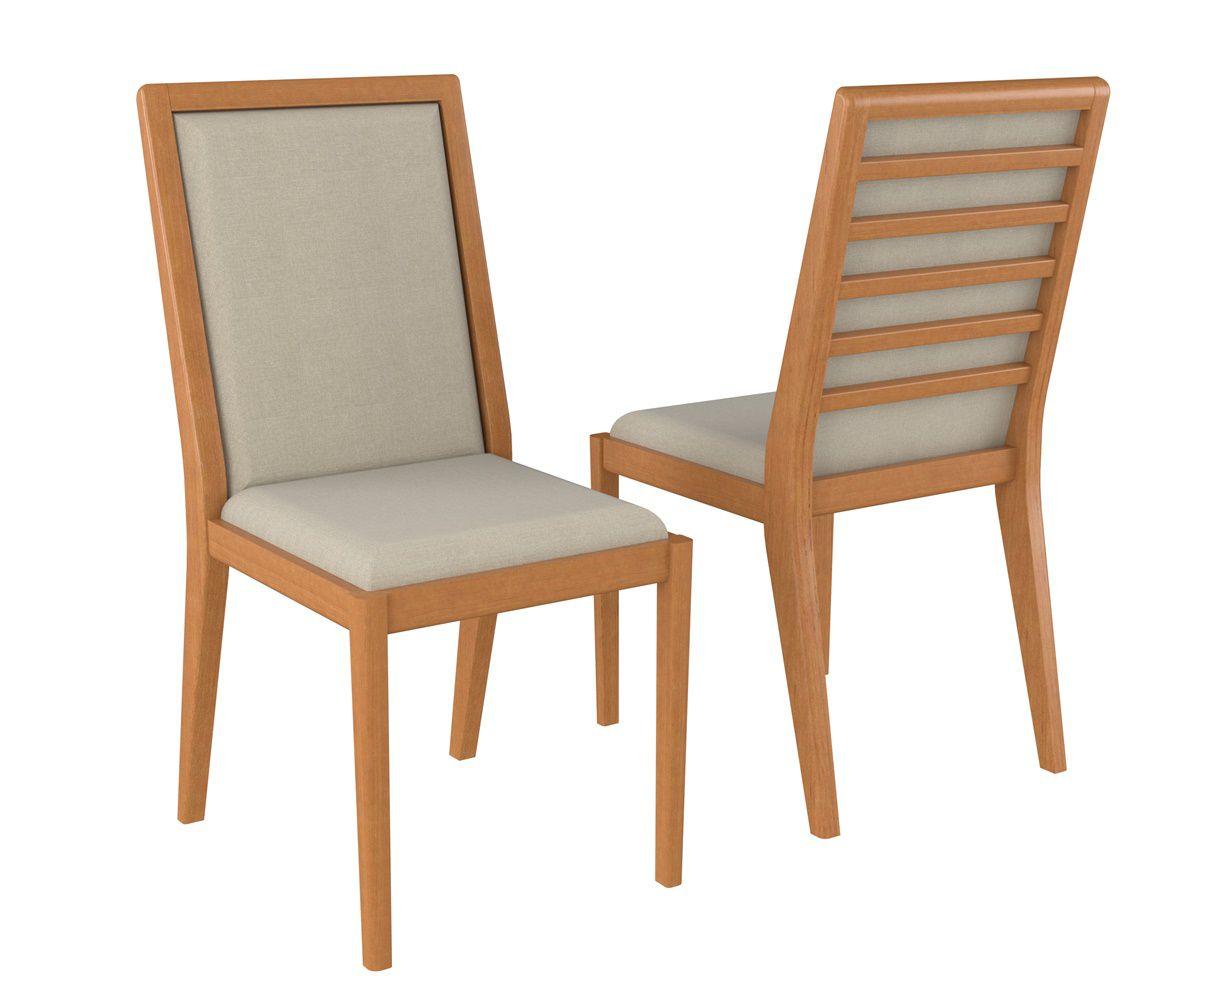 Cadeira de Jantar Colúmbia em Madeira Maciça - Estofada